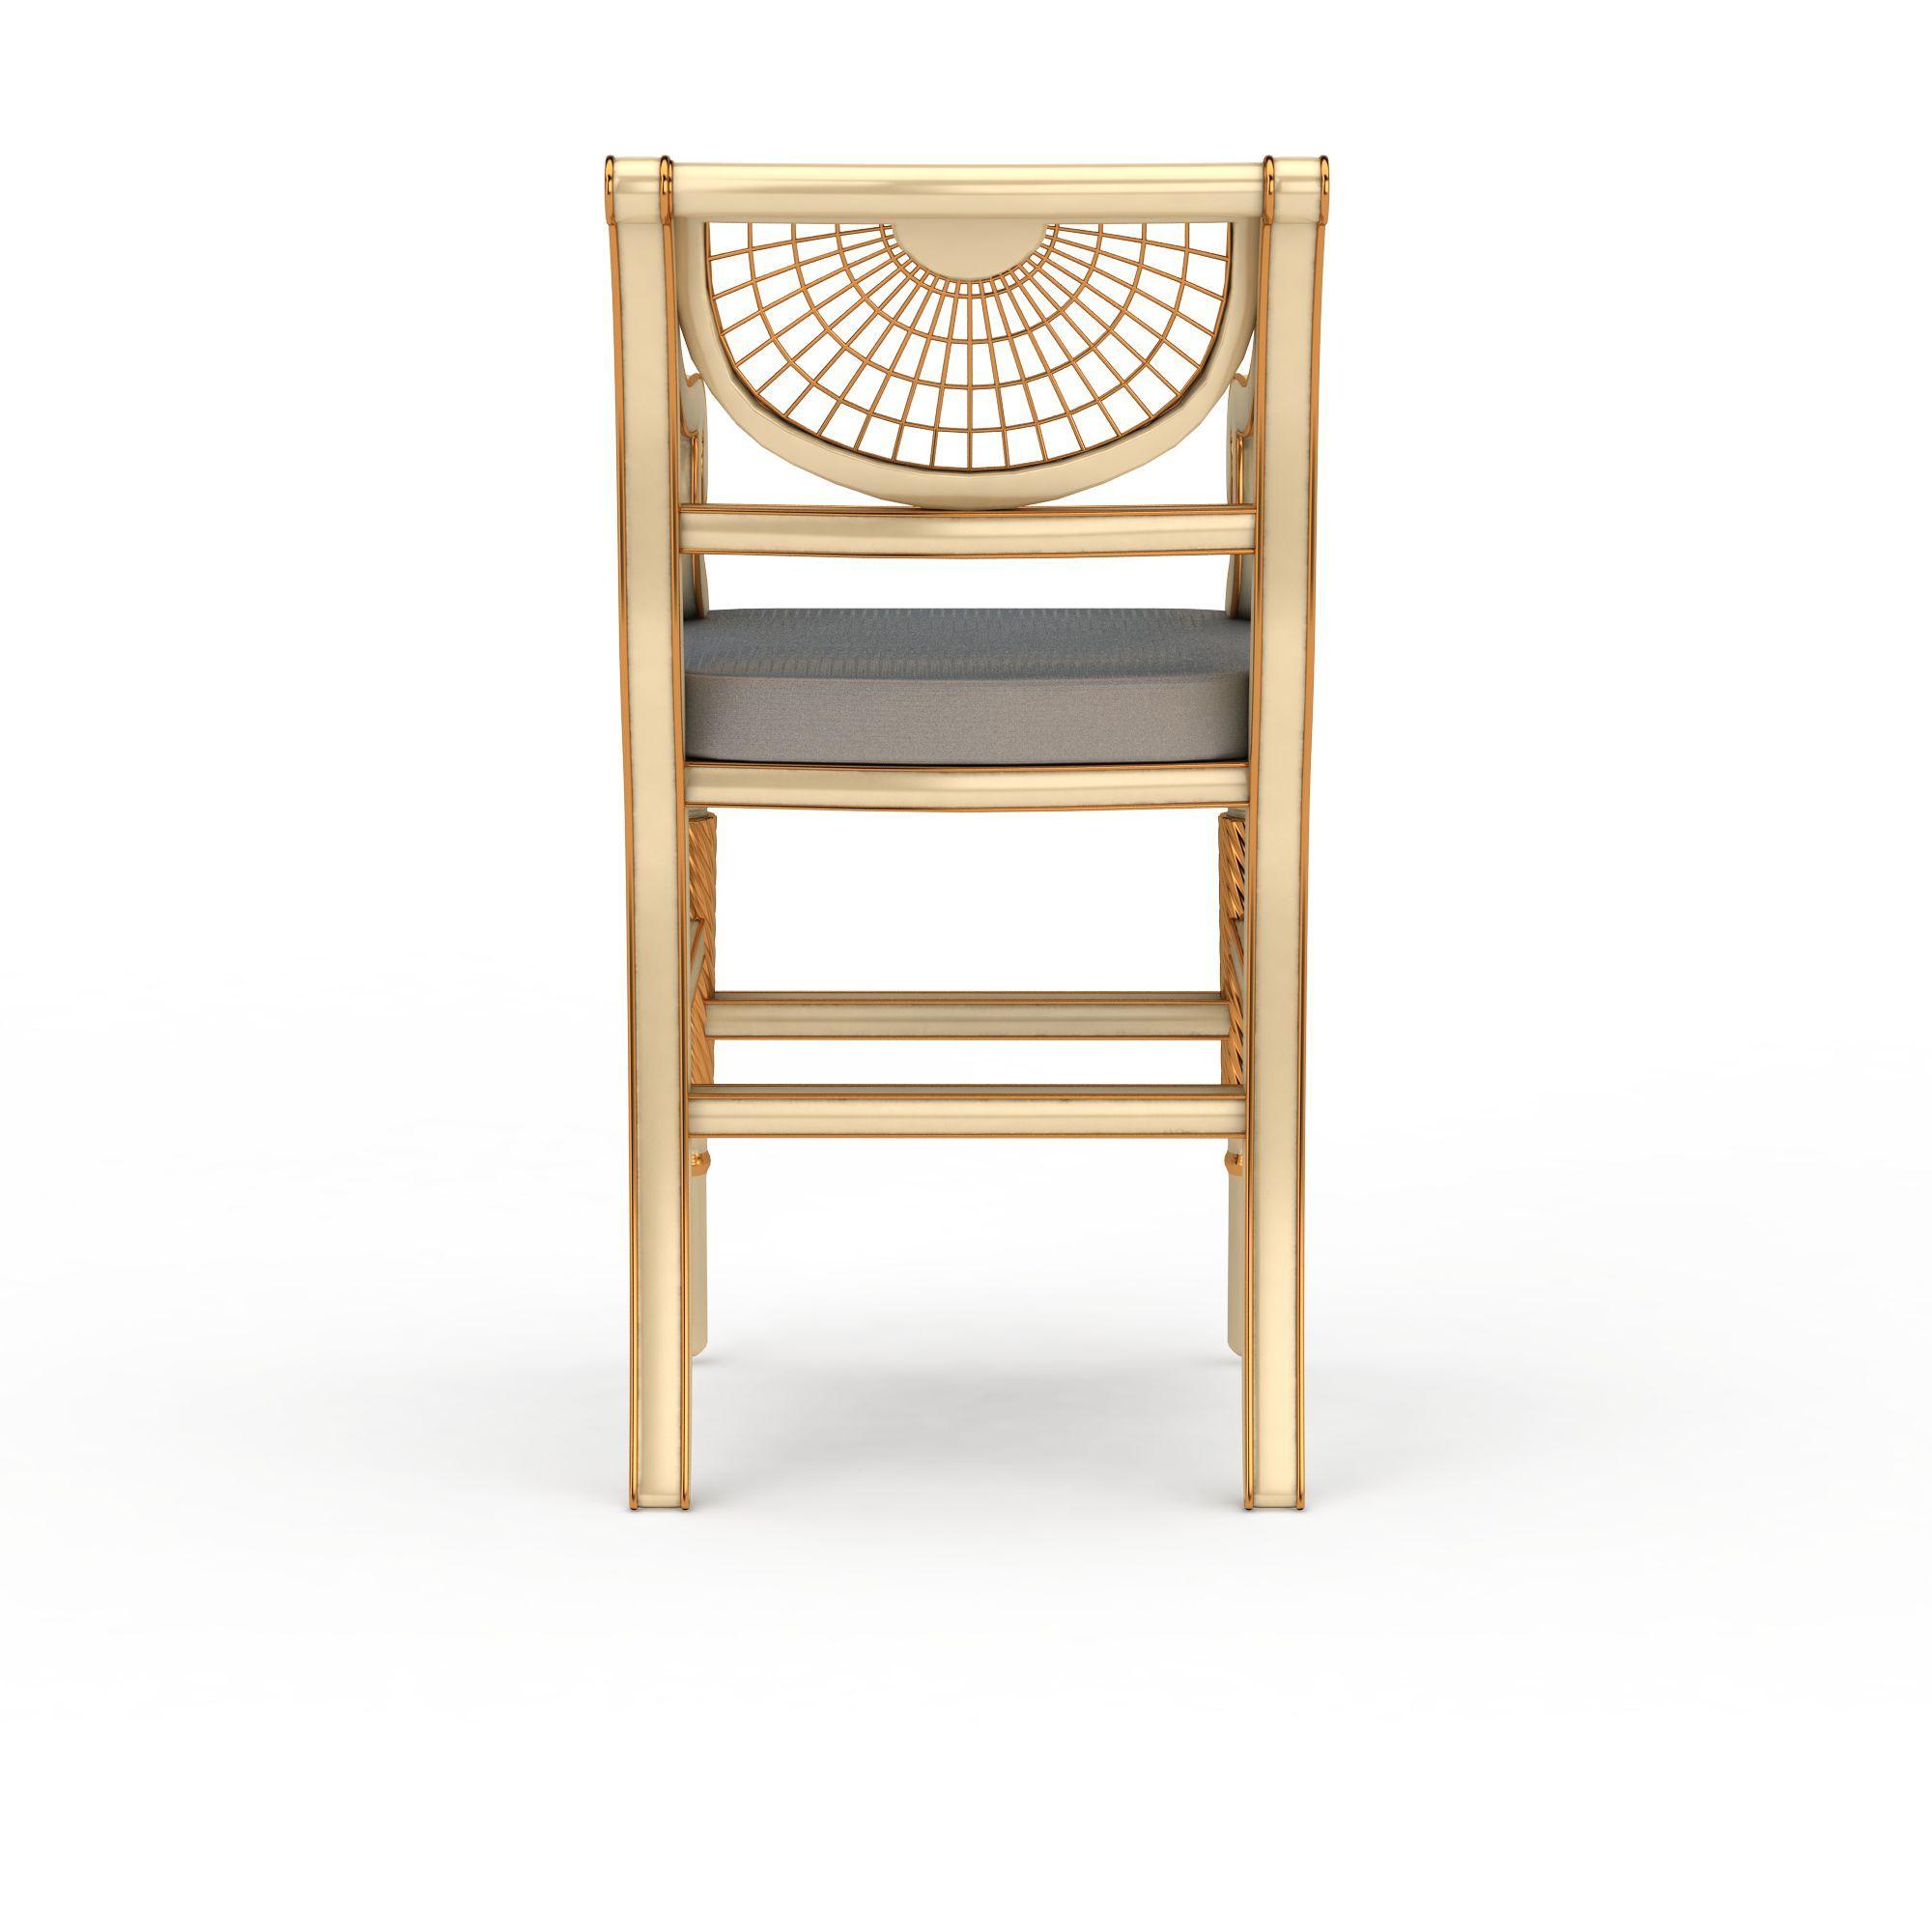 创意椅子图片_创意椅子png图片素材_创意椅子png高清图片